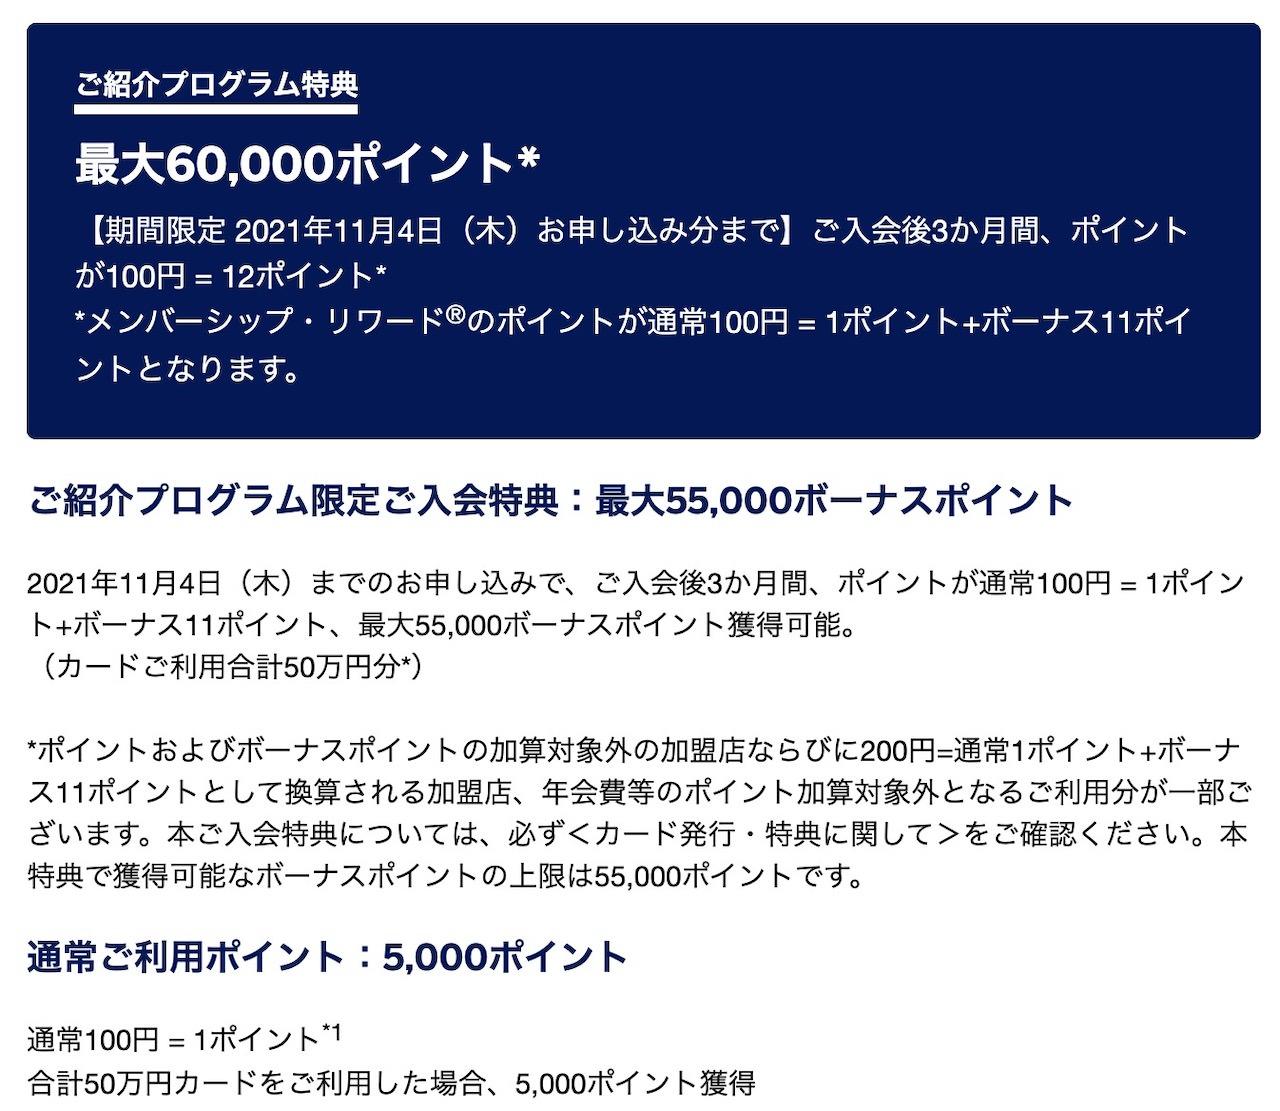 アメックス ゴールド 入会キャンペーン